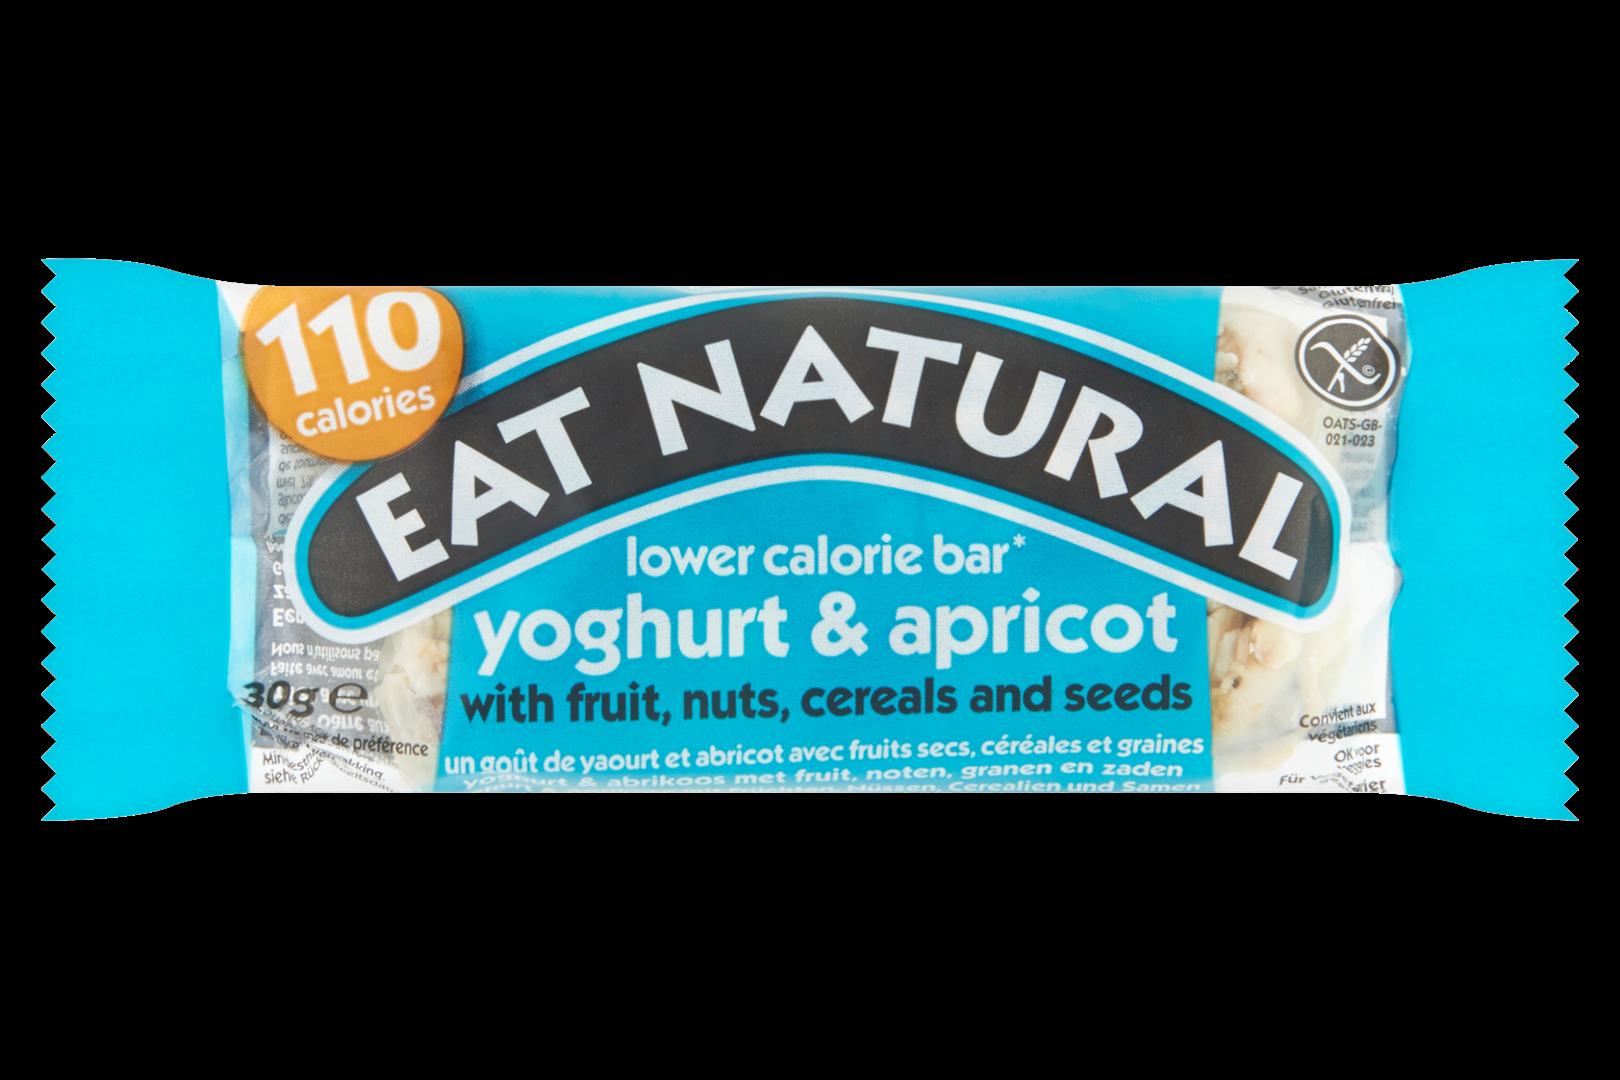 Productafbeelding Eat Natural lower calorie bar yoghurt & abrikoos met fruit, noten, granen en zaden